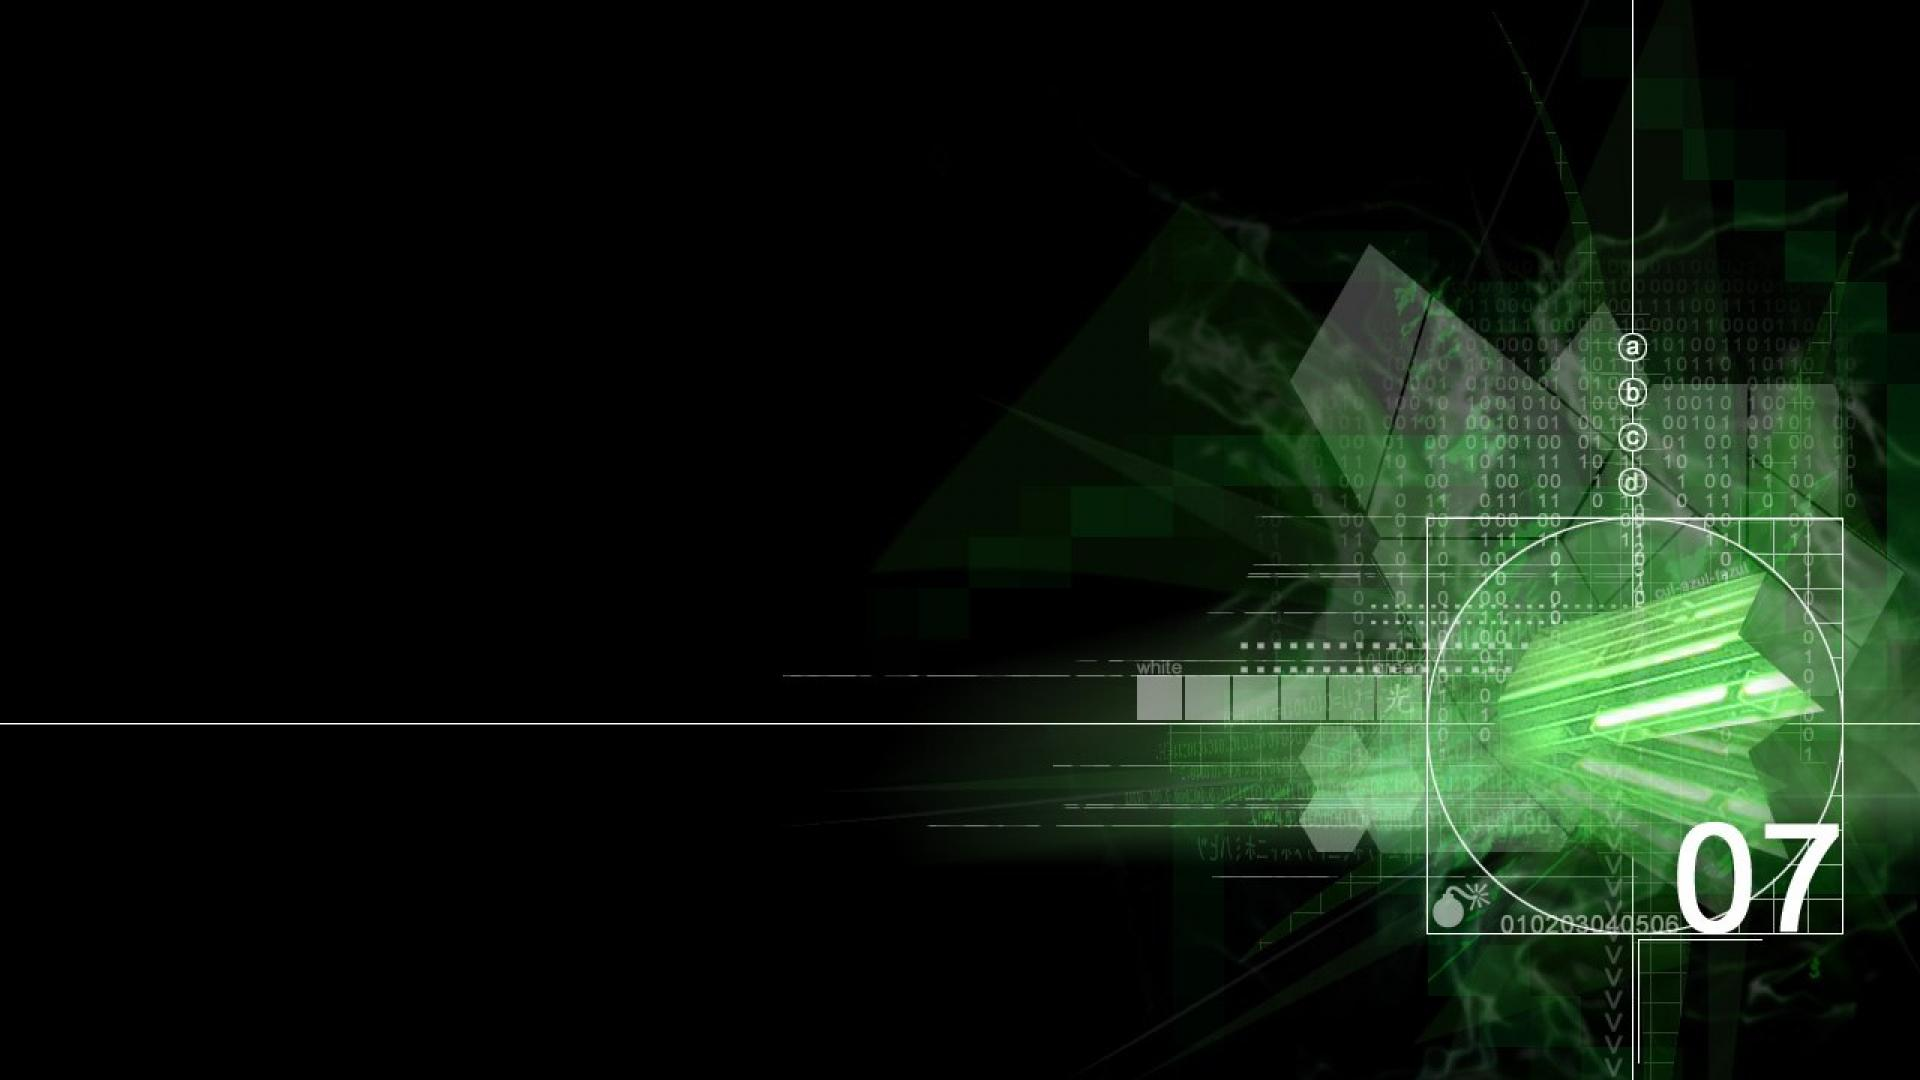 emerald explosion HD Wallpaper wallpaper   22214   HQ Desktop 1920x1080